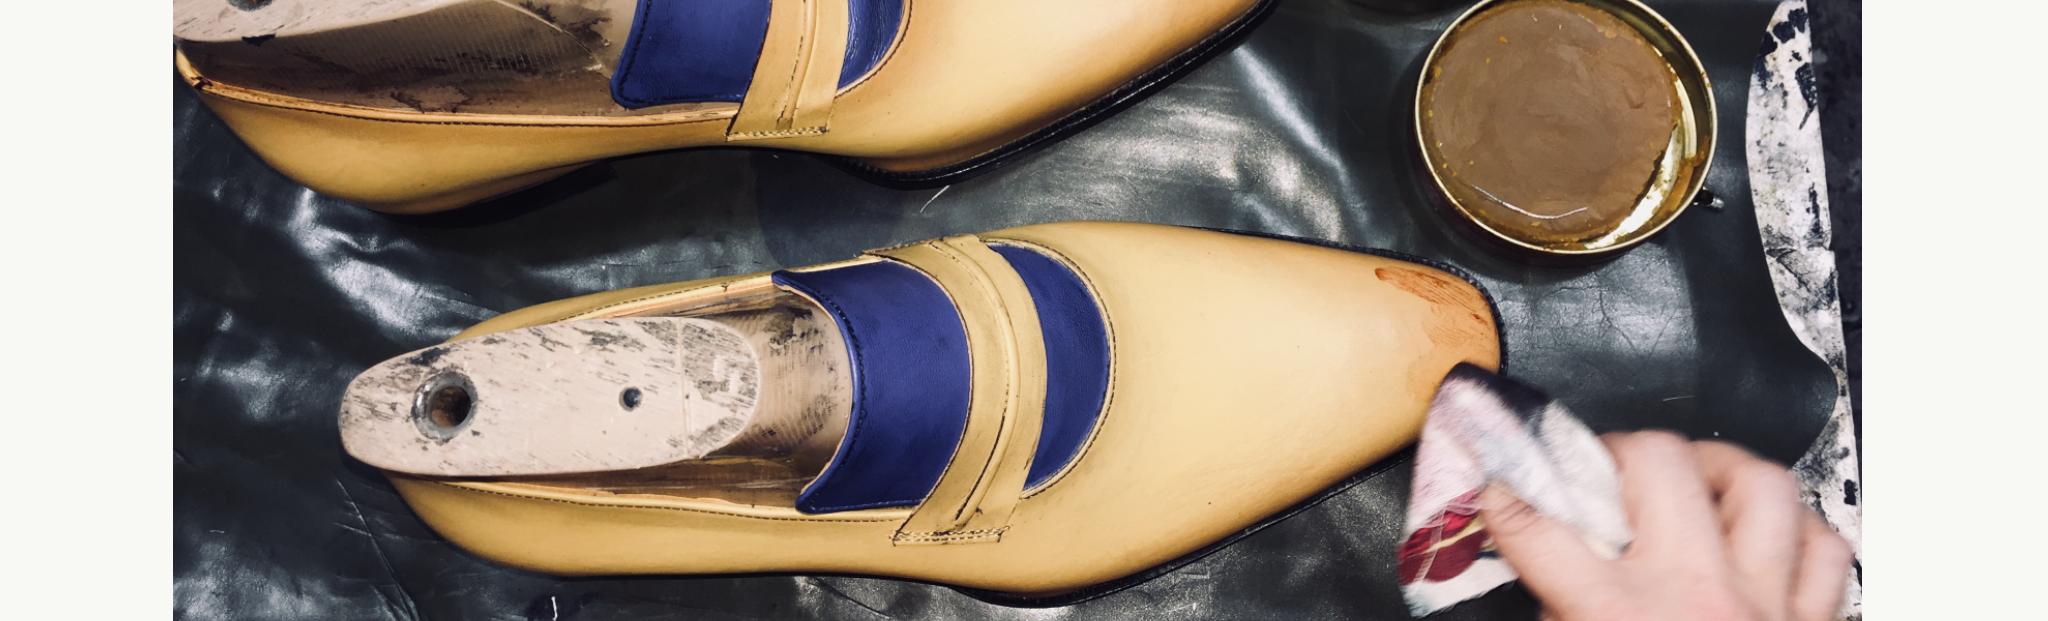 Sapato masculinos de couro feitos a mão E. MARCHI